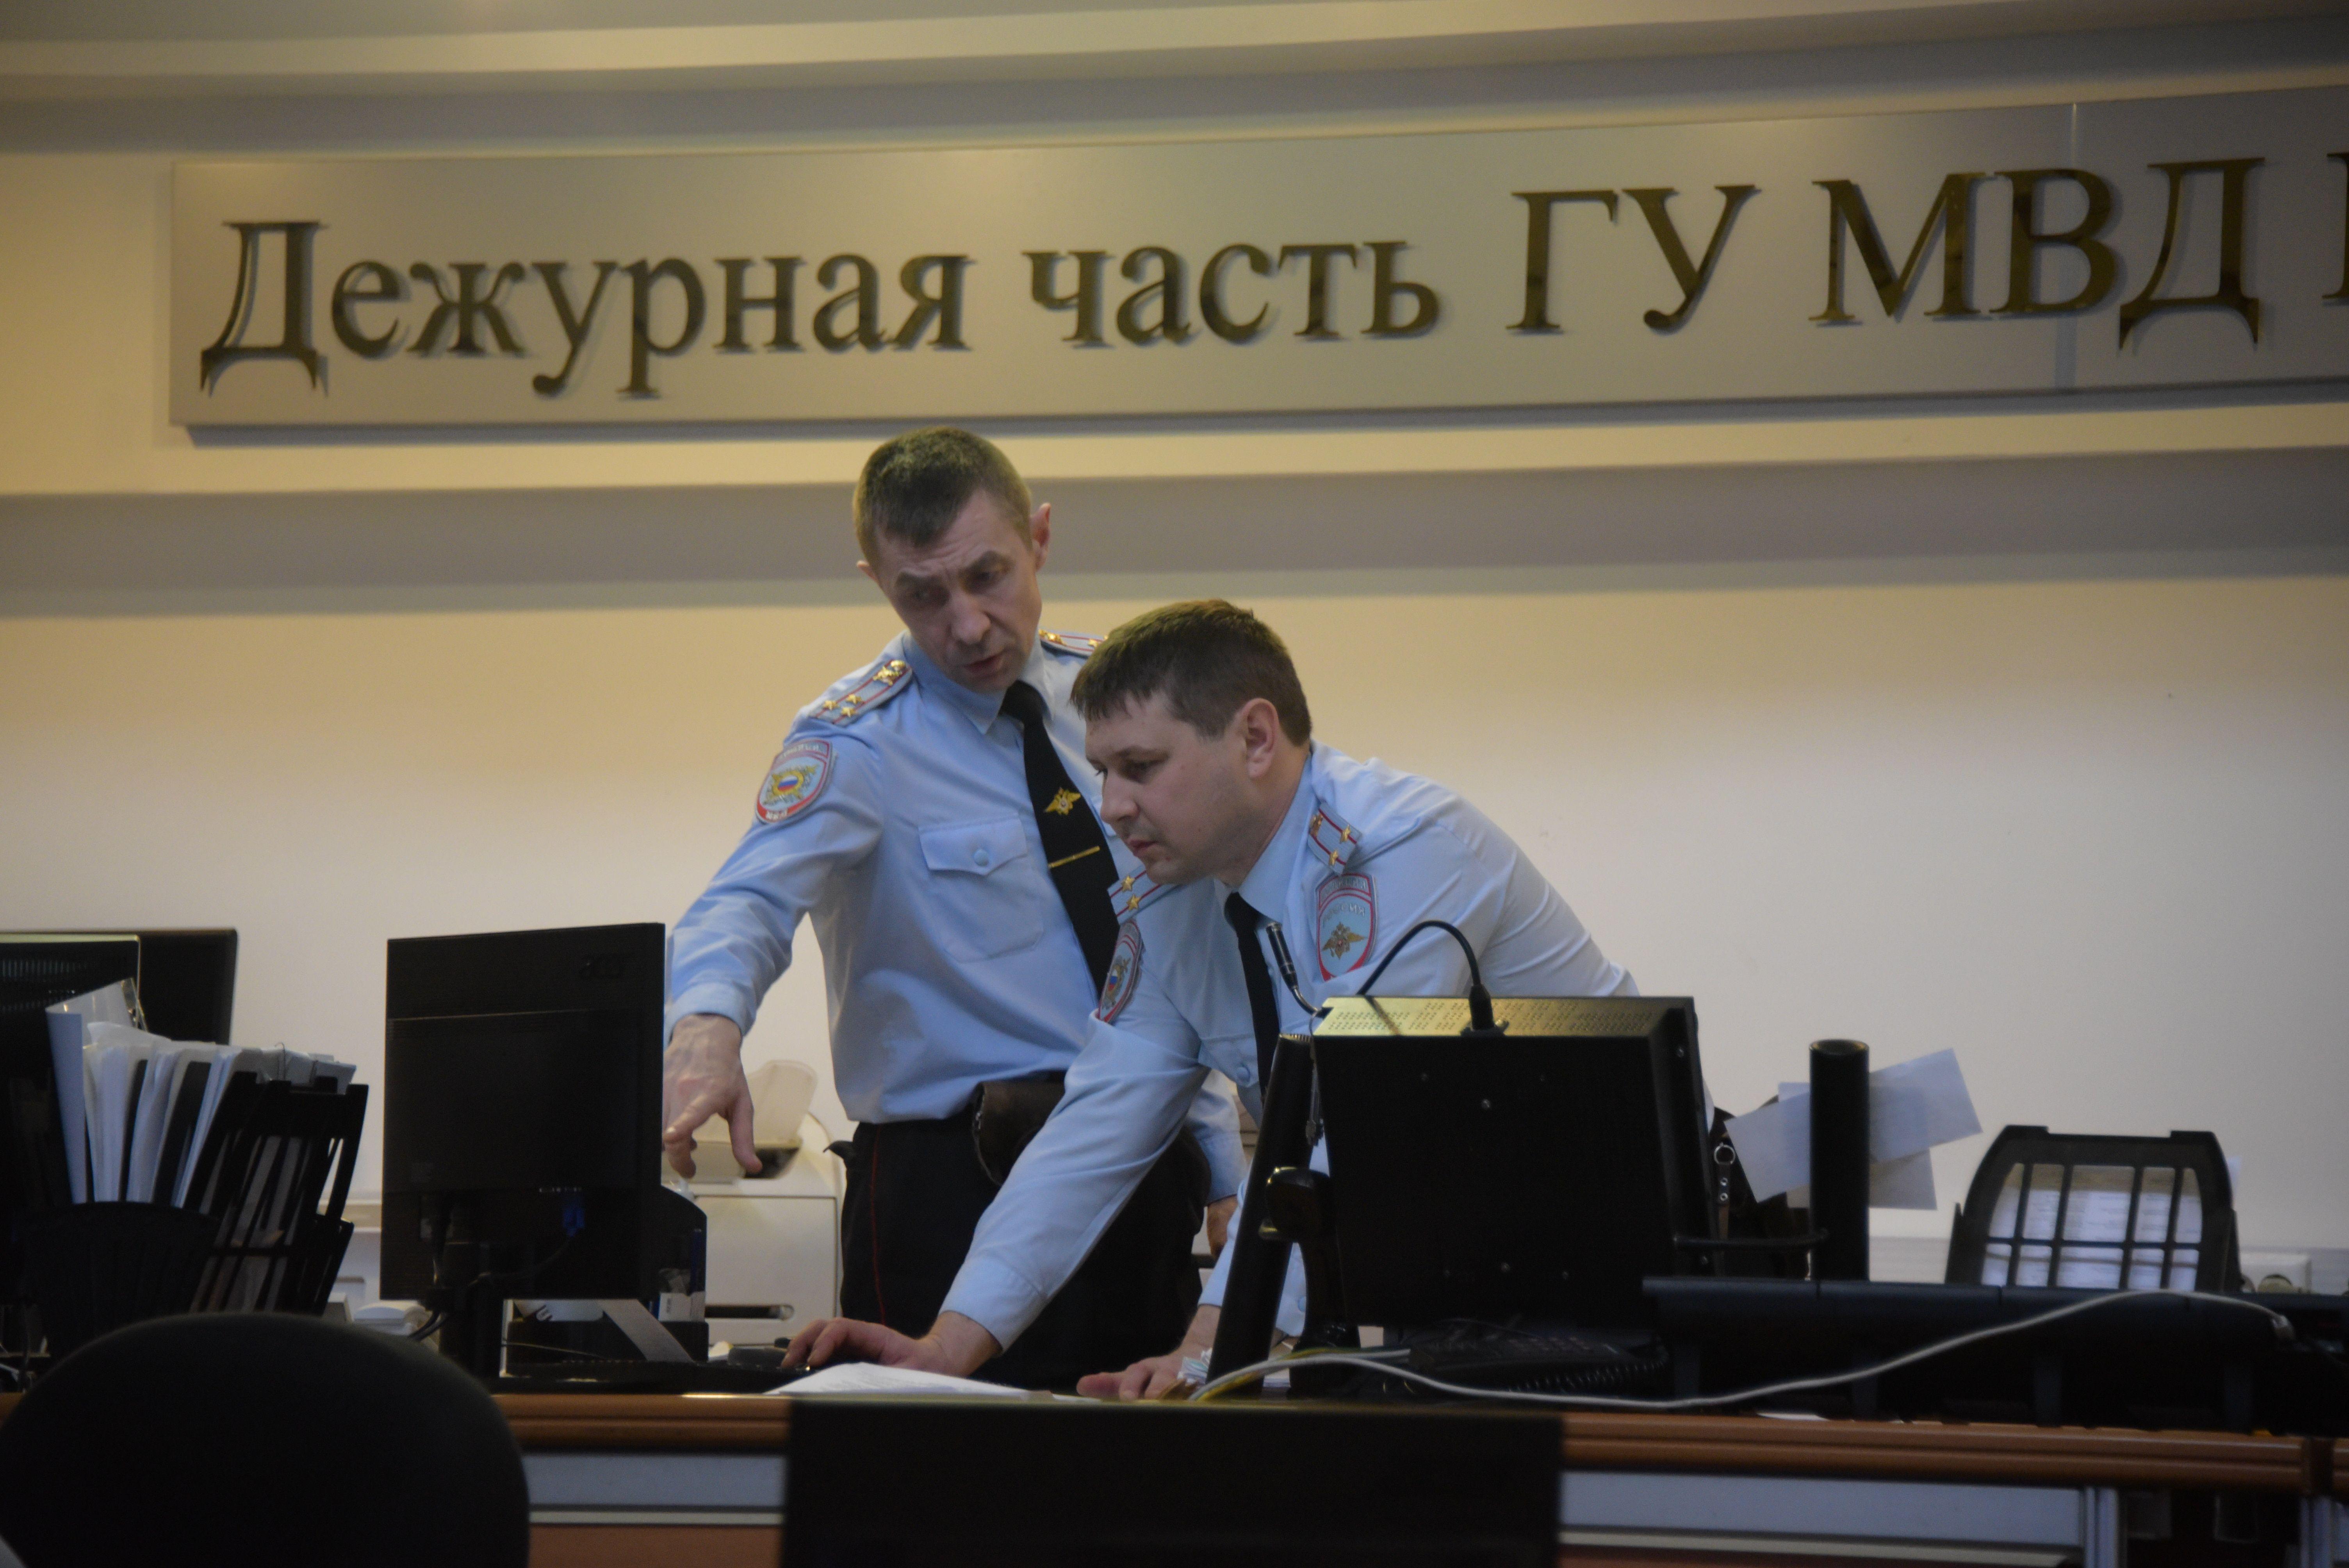 Сотрудники полиции Новой Москвы задержали подозреваемого в краже